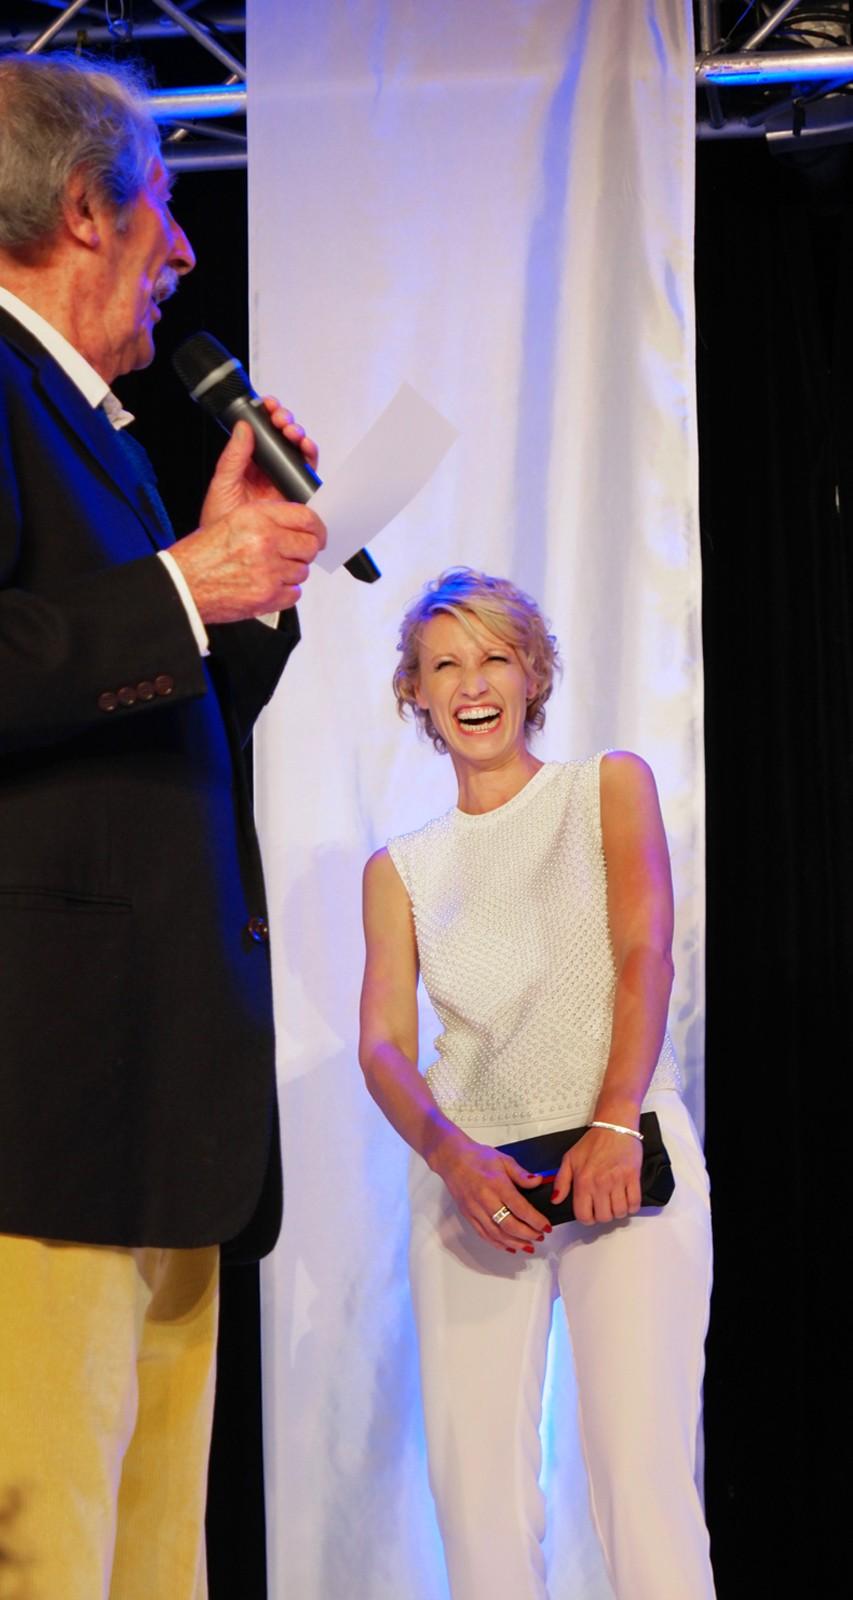 Alexandra Lamy hilare après une blague de Jean Rochefort président du jury du Festival du Film Britannique de Dinard 2015 soirée ouverture photo by usofparis